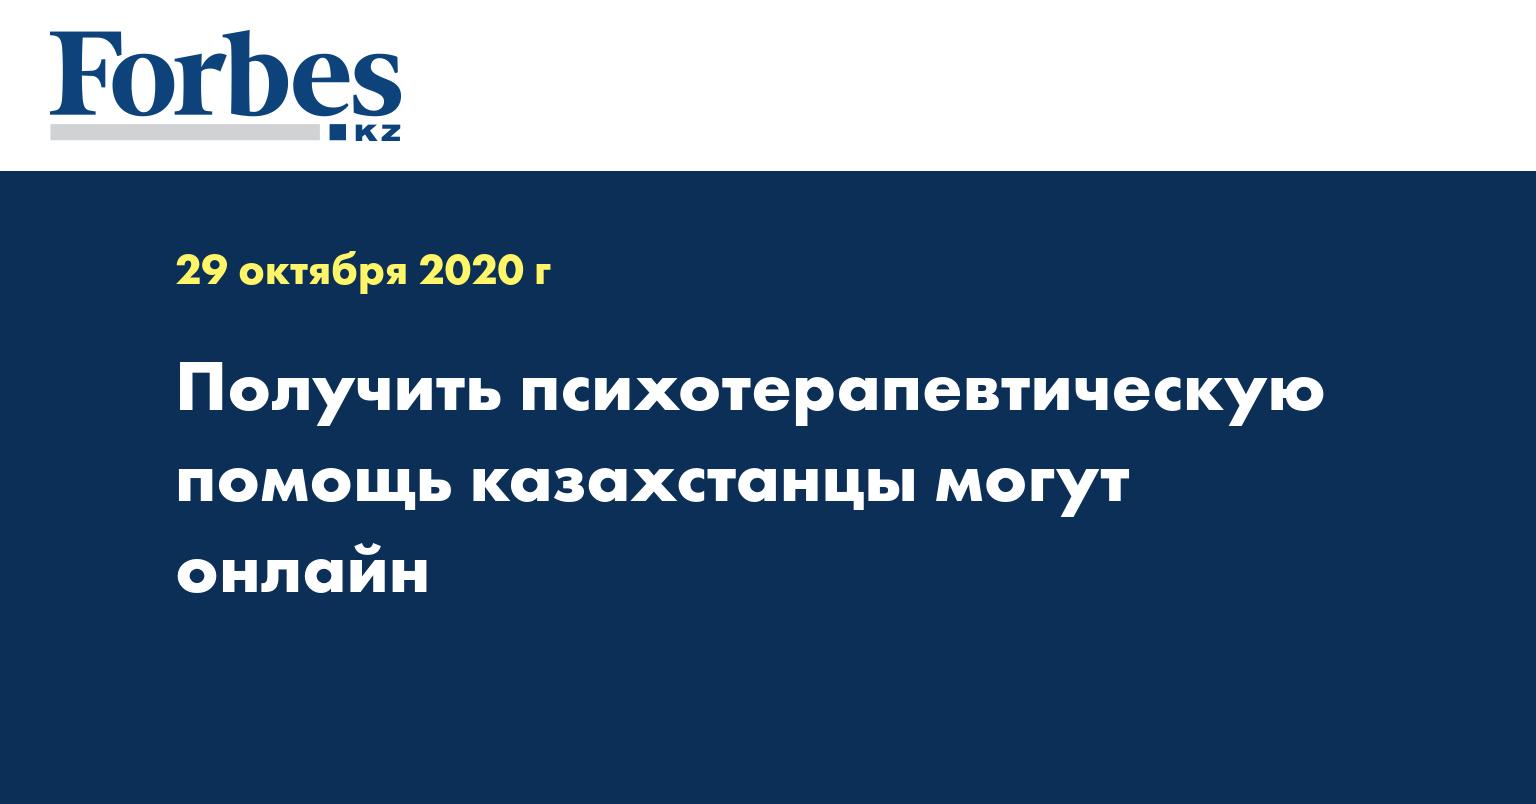 Получить психотерапевтическую помощь казахстанцы могут онлайн